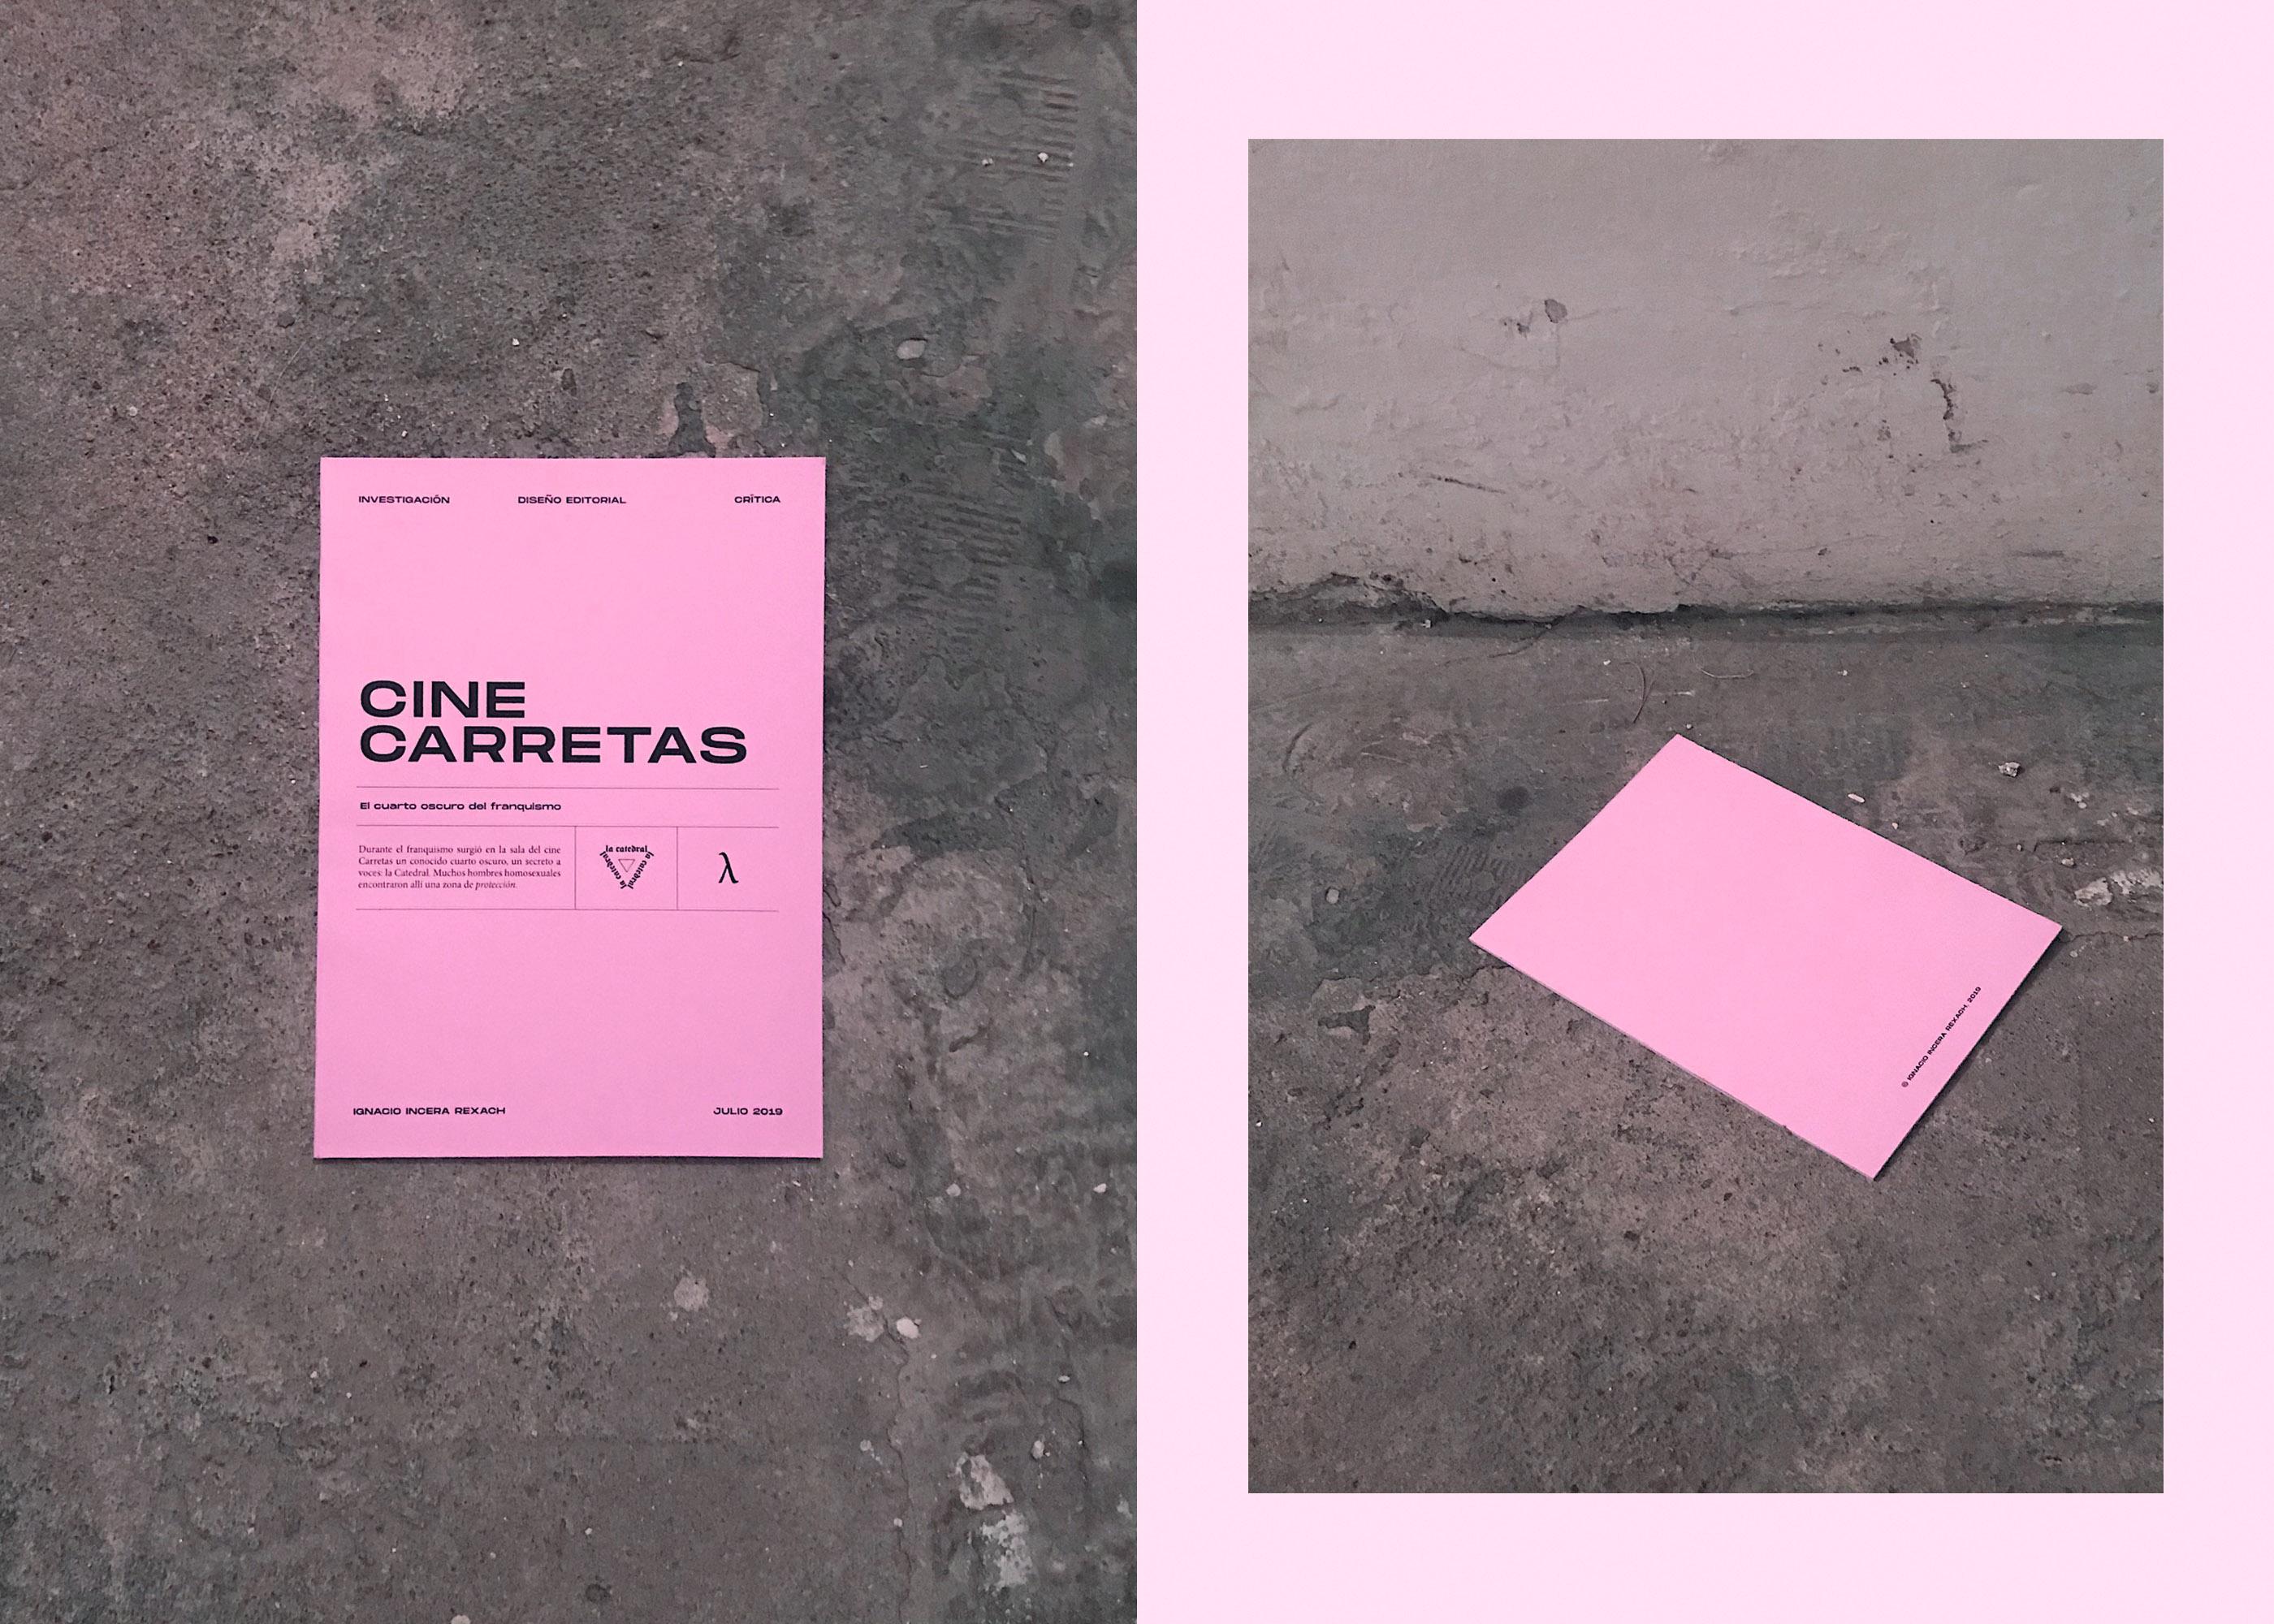 CarretasBookPictures 5